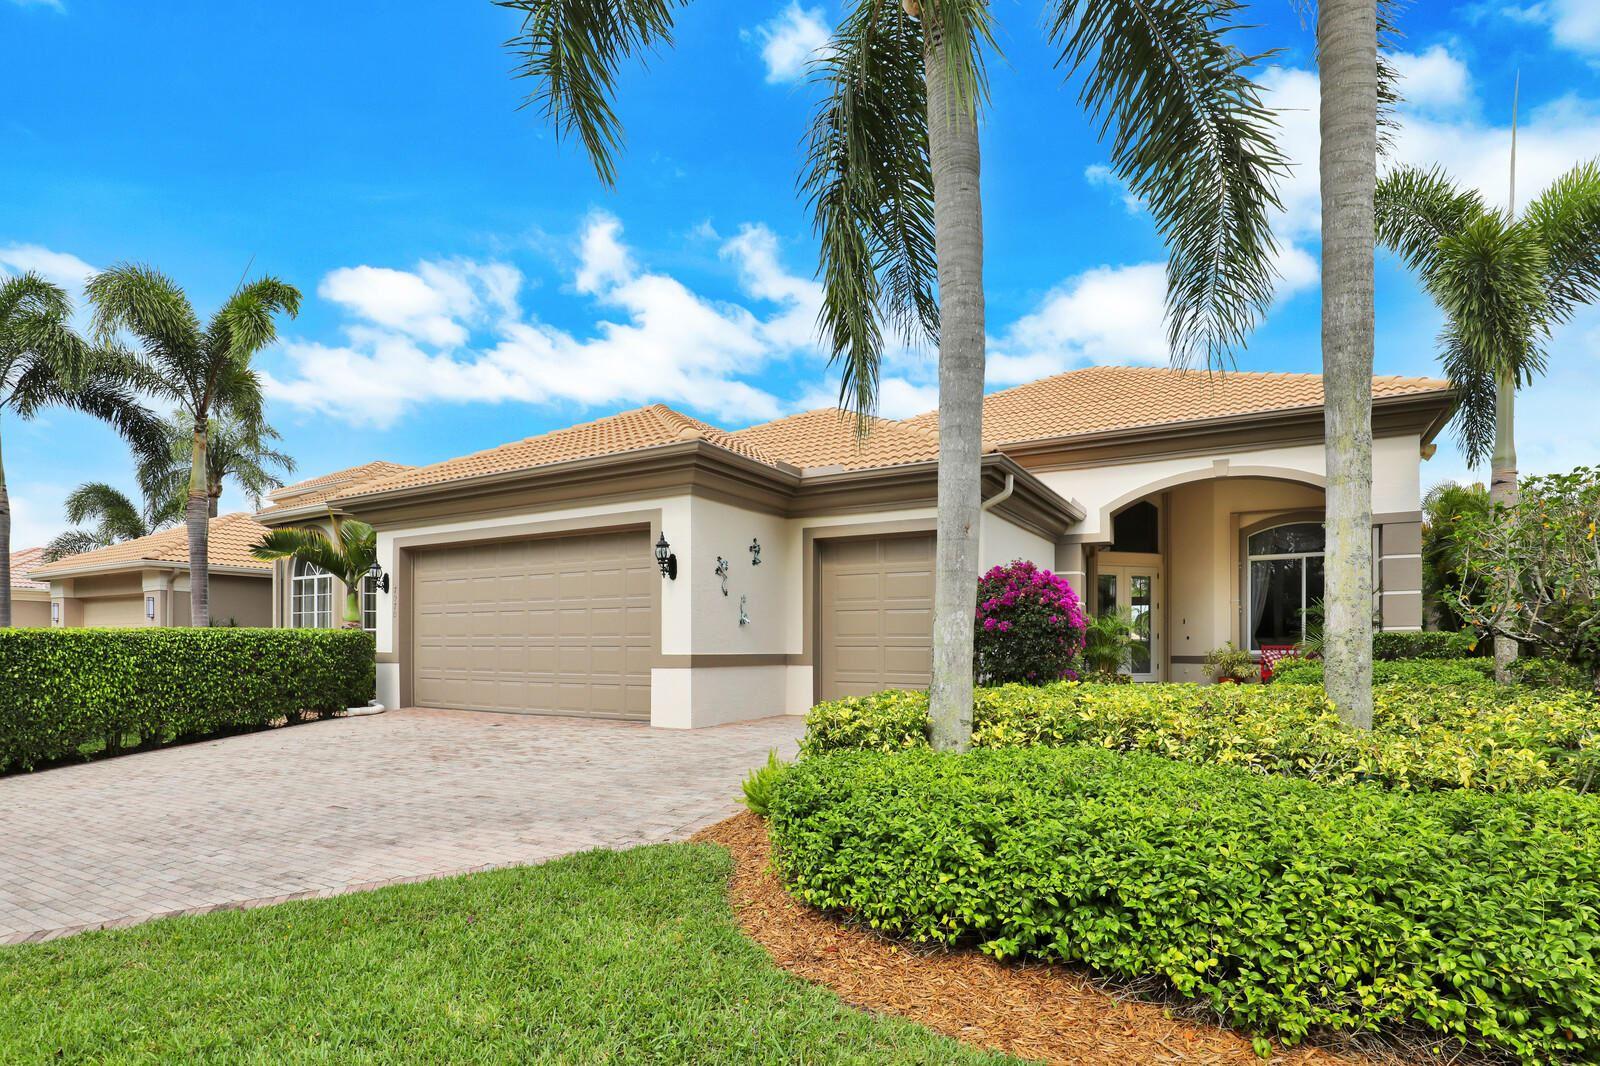 7970 Sandhill Court, West Palm Beach, FL 33412 - MLS#: RX-10710621